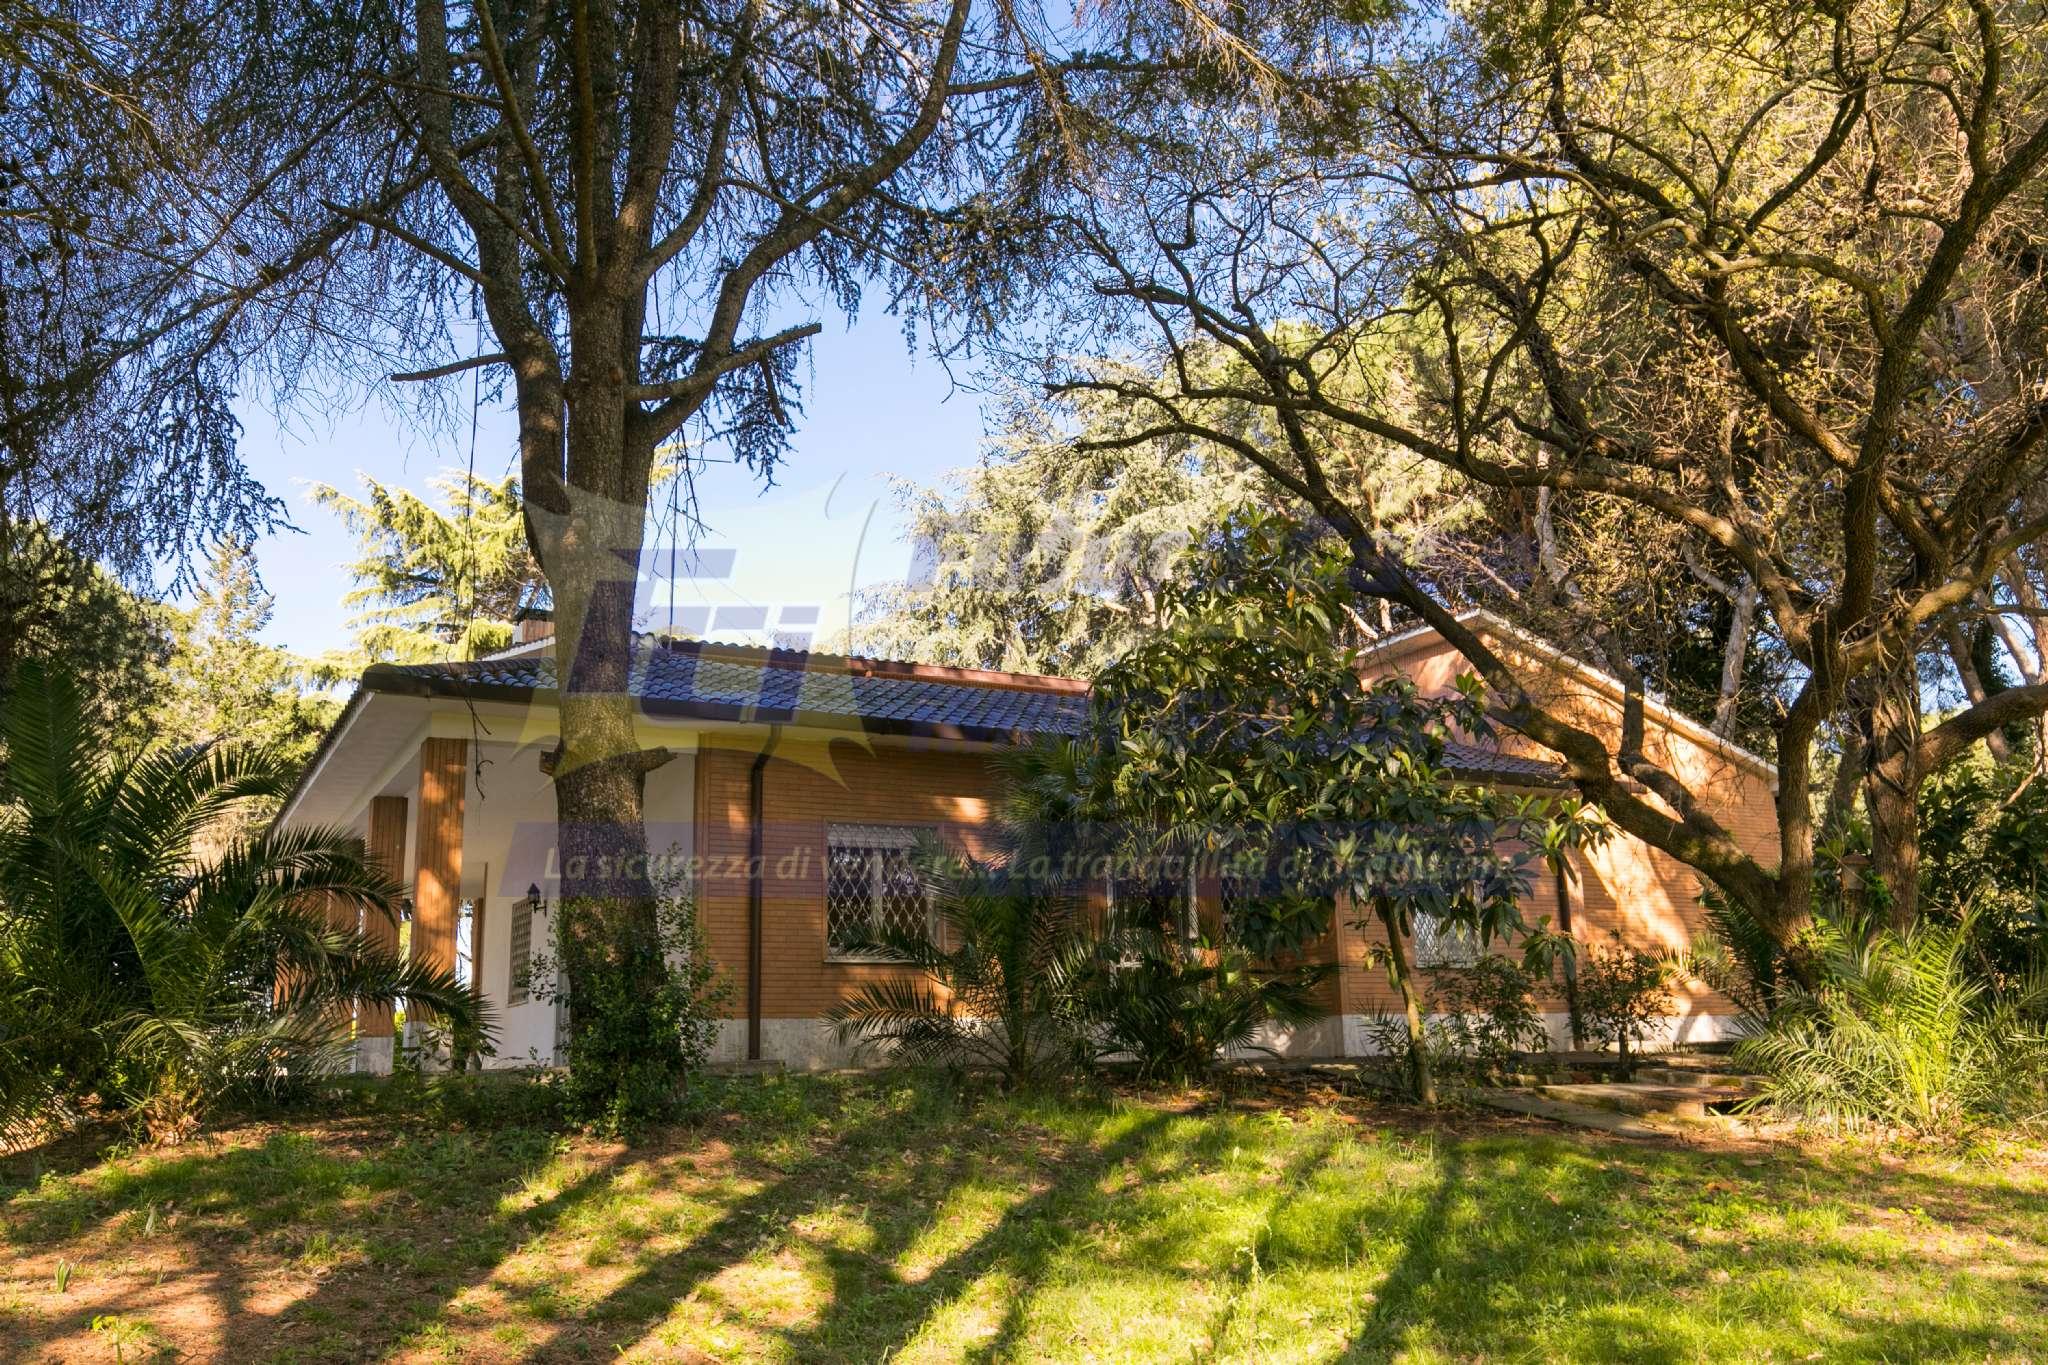 Villa in vendita a Roma, 7 locali, zona Zona: 38 . Acilia, Vitinia, Infernetto, Axa, Casal Palocco, Madonnetta, prezzo € 1.100.000 | CambioCasa.it